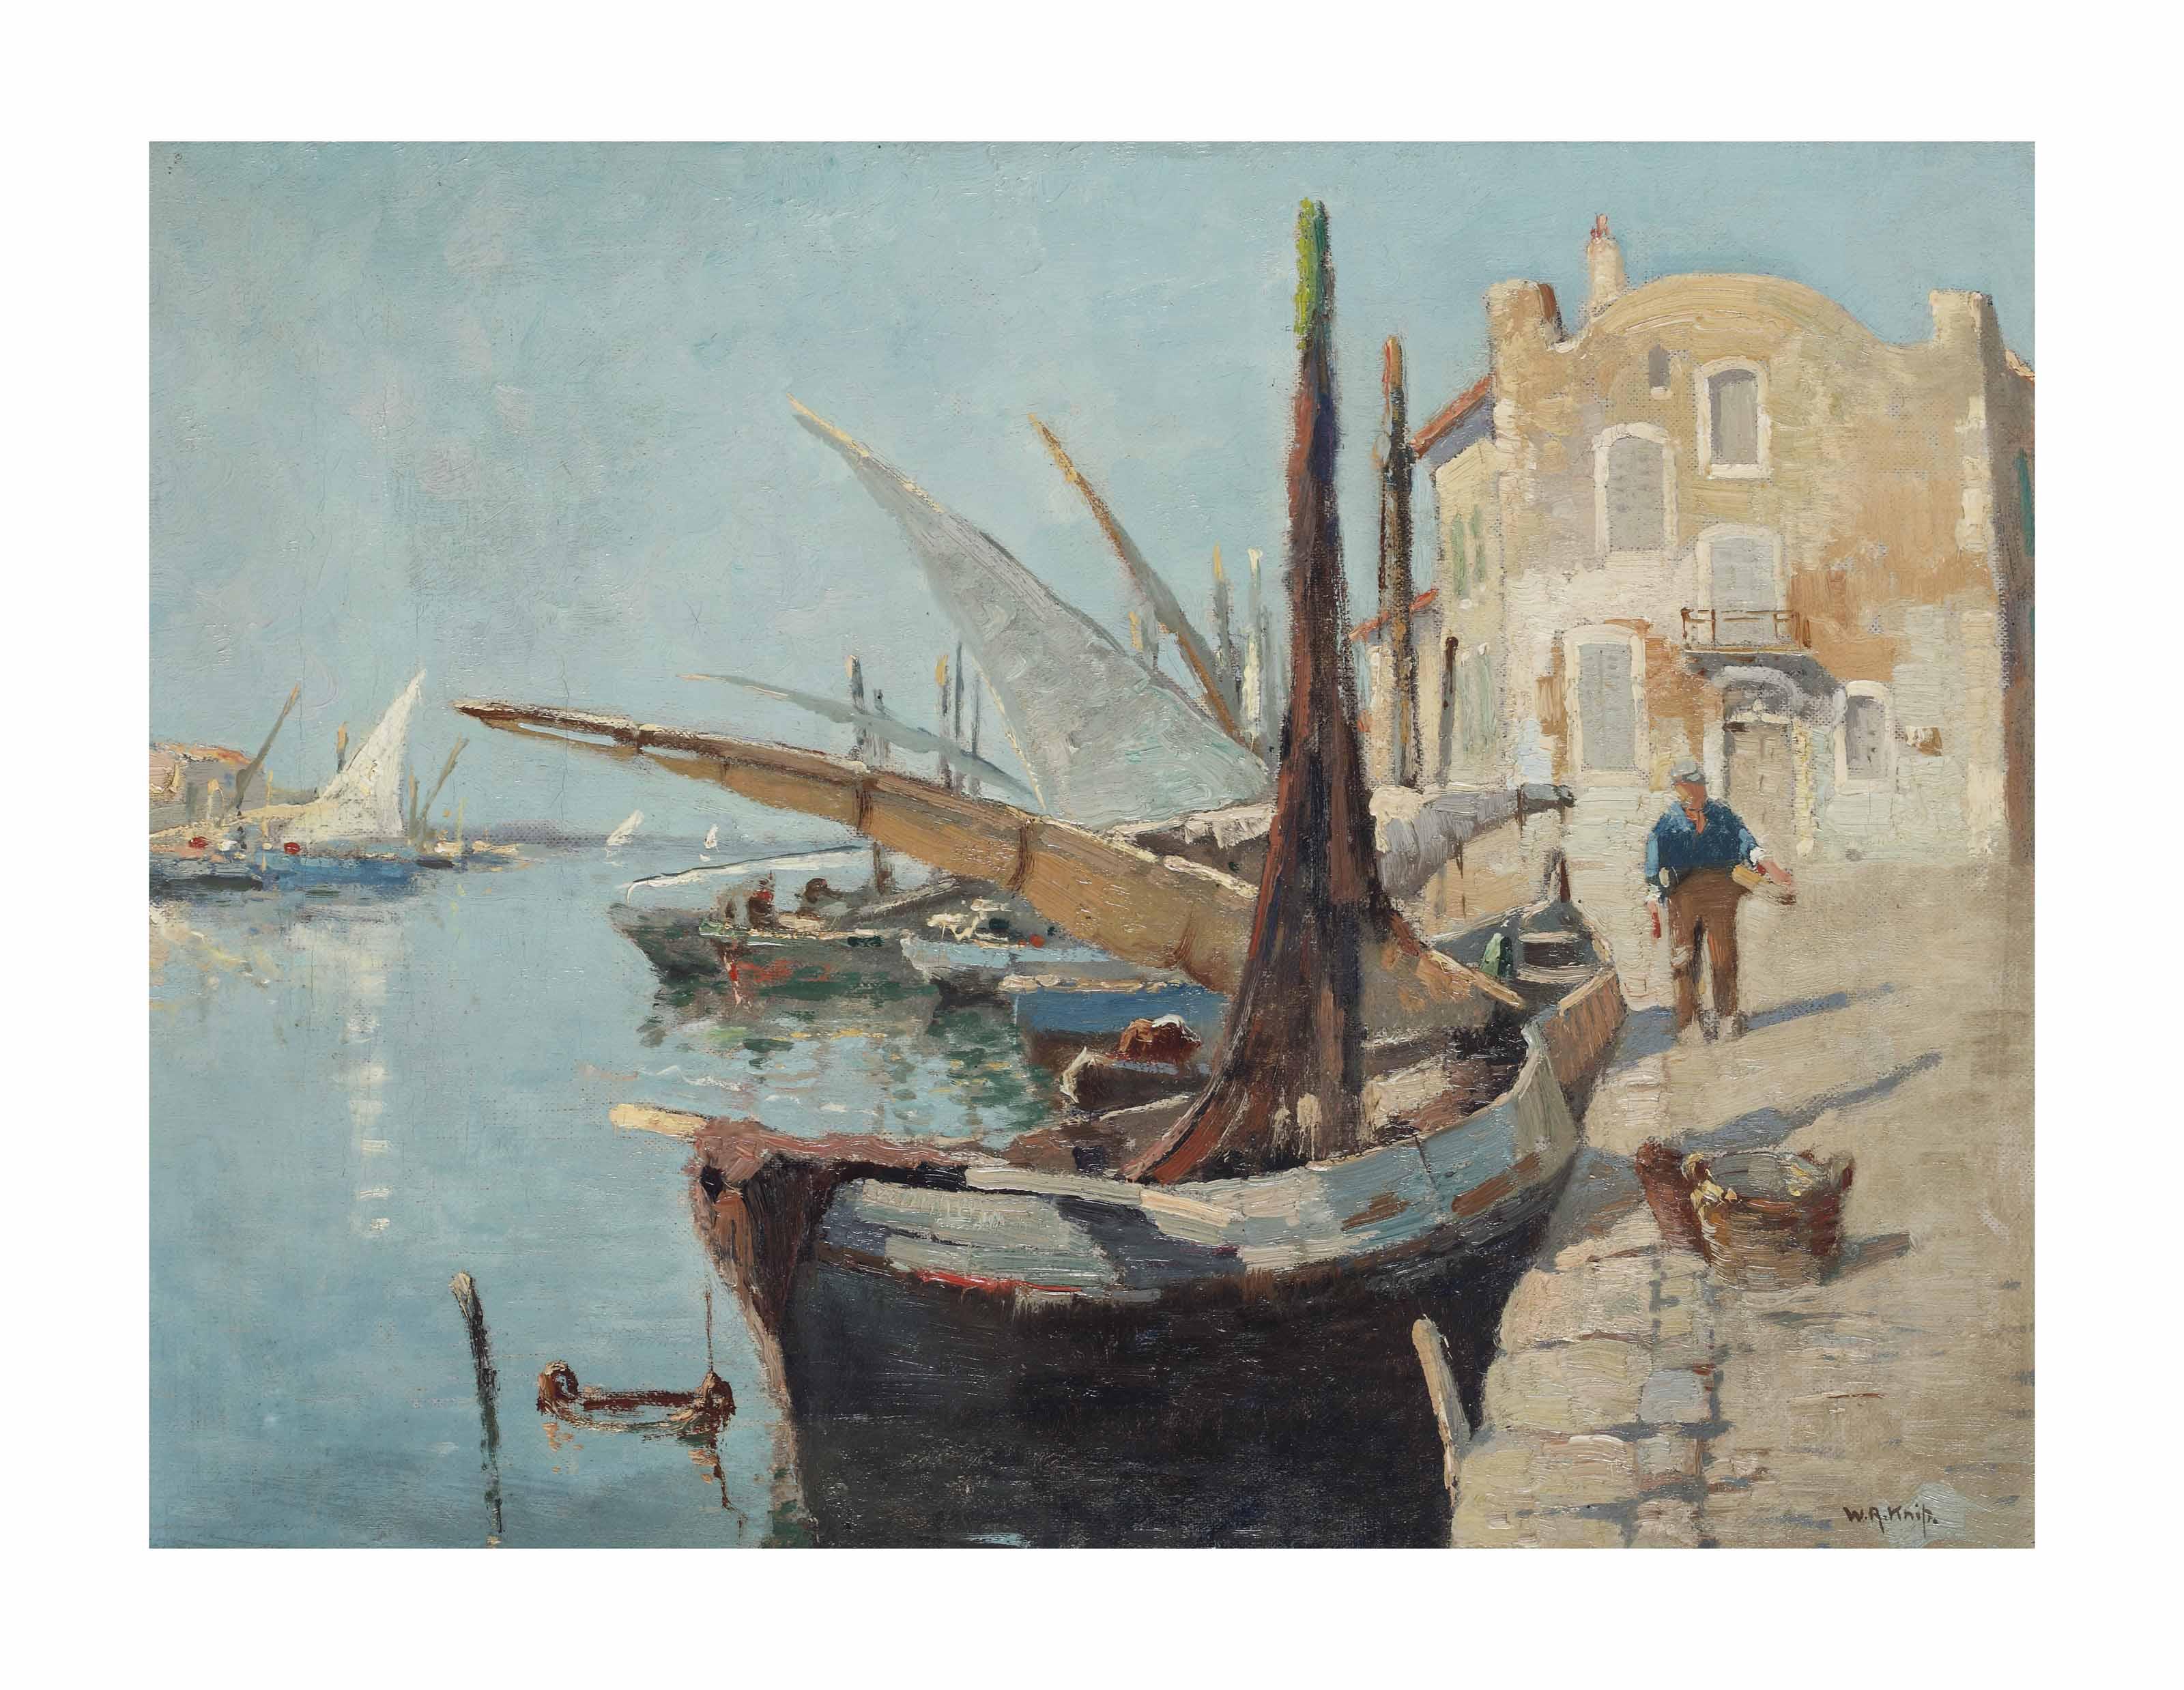 Fishermen on a sunlit quay on the Côte d'Azur